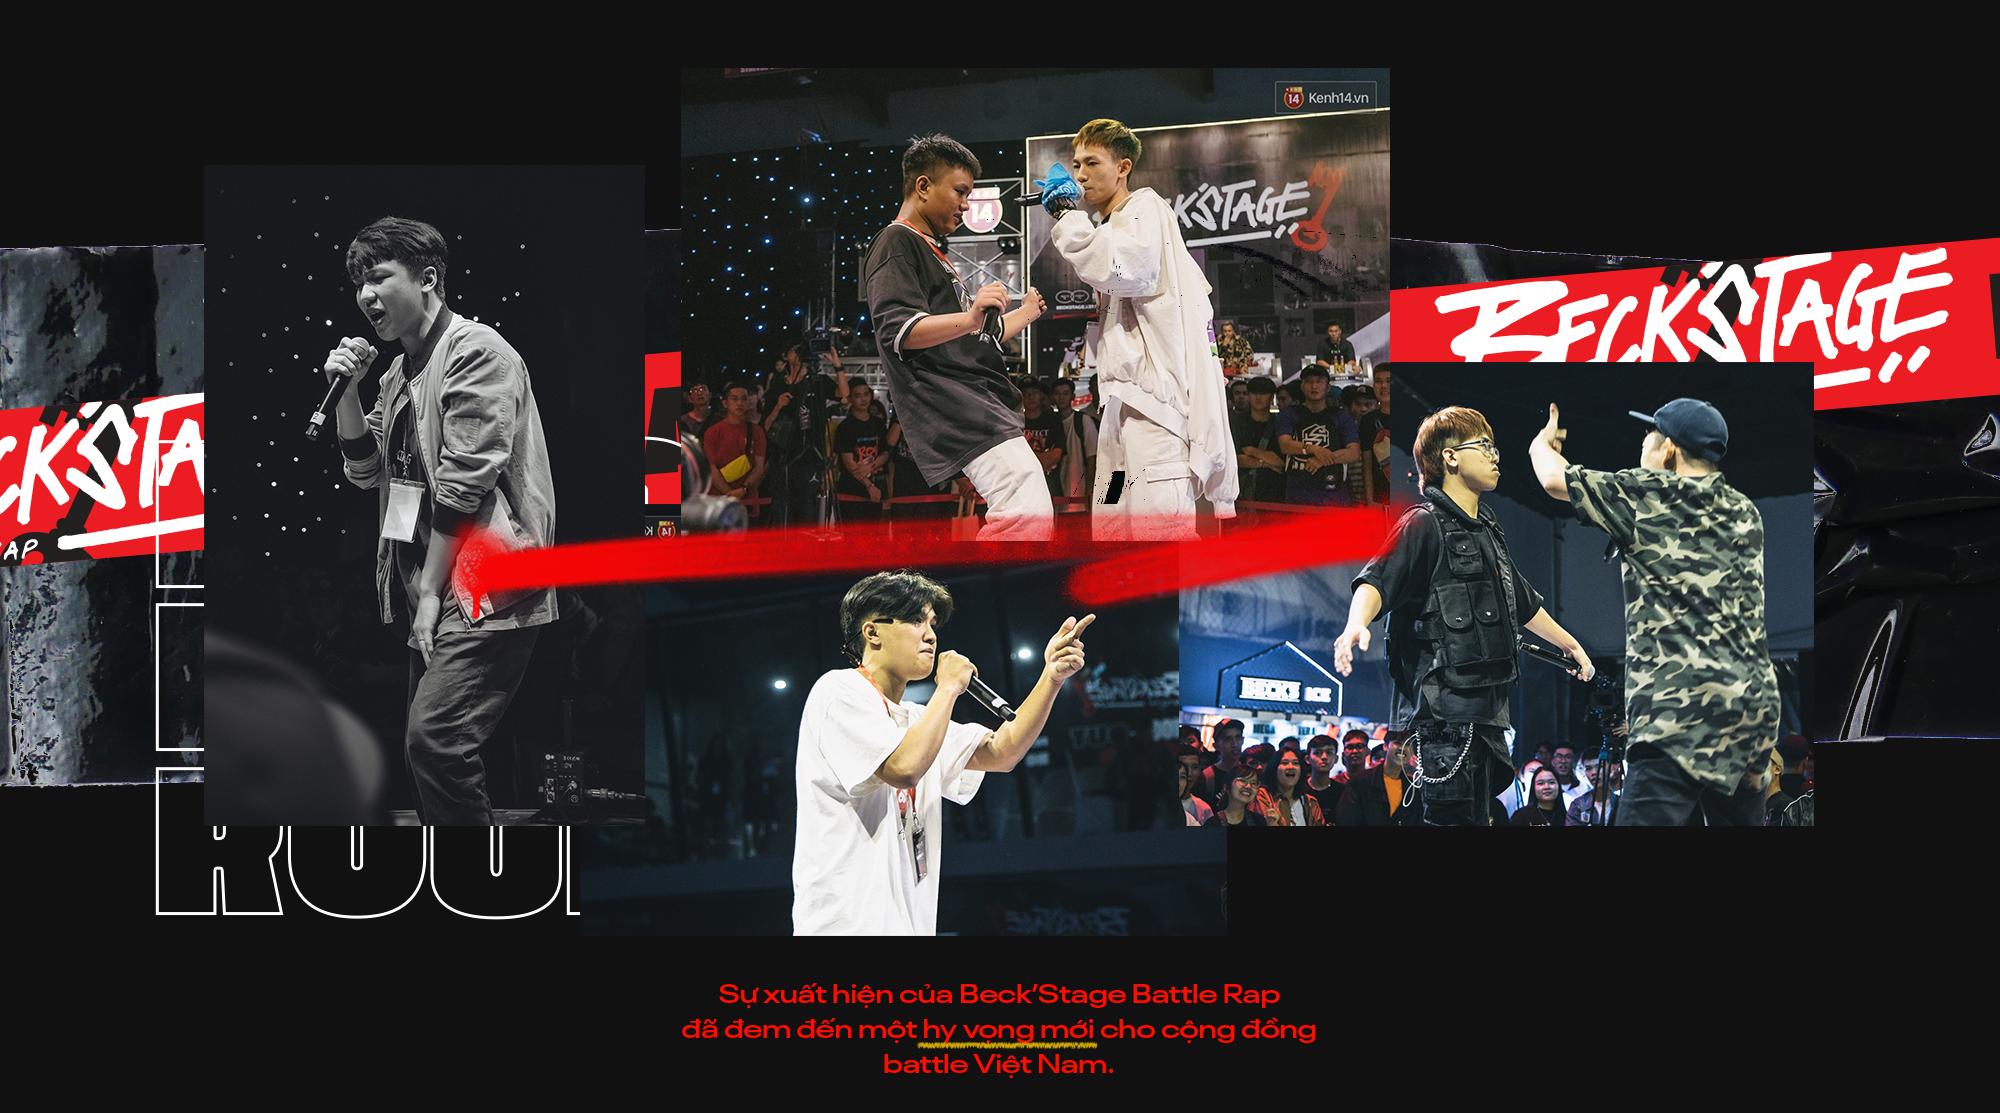 """Beck'Stage Battle Rap: Giải đấu khủng nhất của rap Việt Nam và lời khẳng định """"We are Striver"""" - Ảnh 7."""